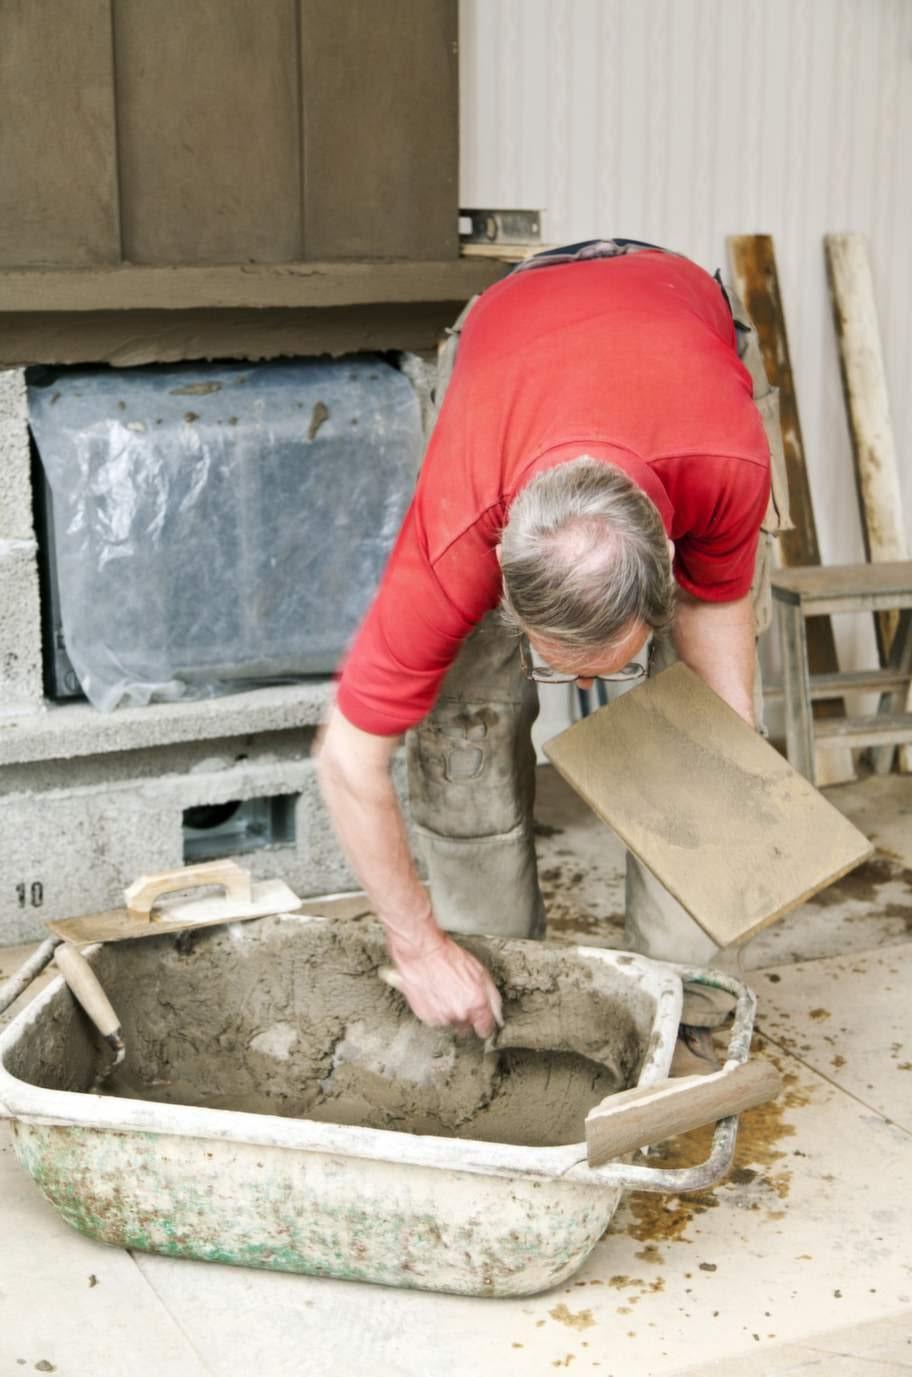 Blanda putsHär blandas det putsbruk för nu är det dags för lite  finlir. Hela murspisen ska putsas. Ytan ska bli slät och jämn. Använder  du färdigblandad mur- och putsbruk behöver bara vatten tillsättas.